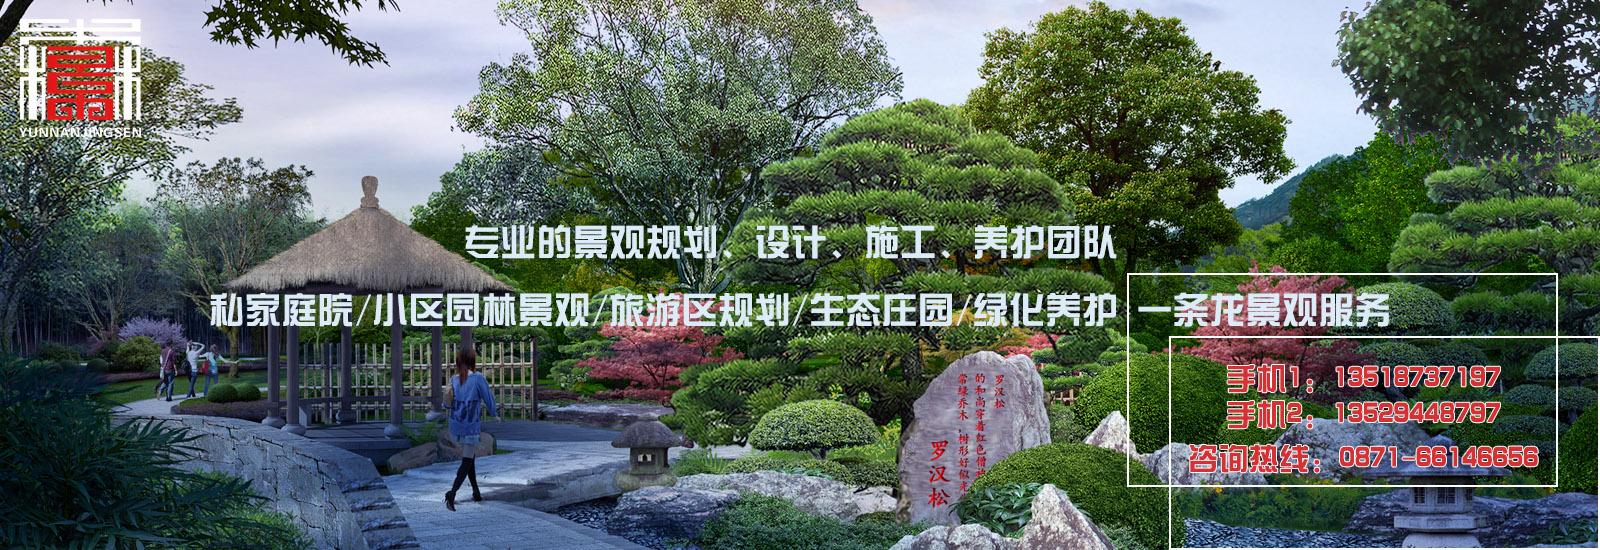 云南园林景观设计植物搭配